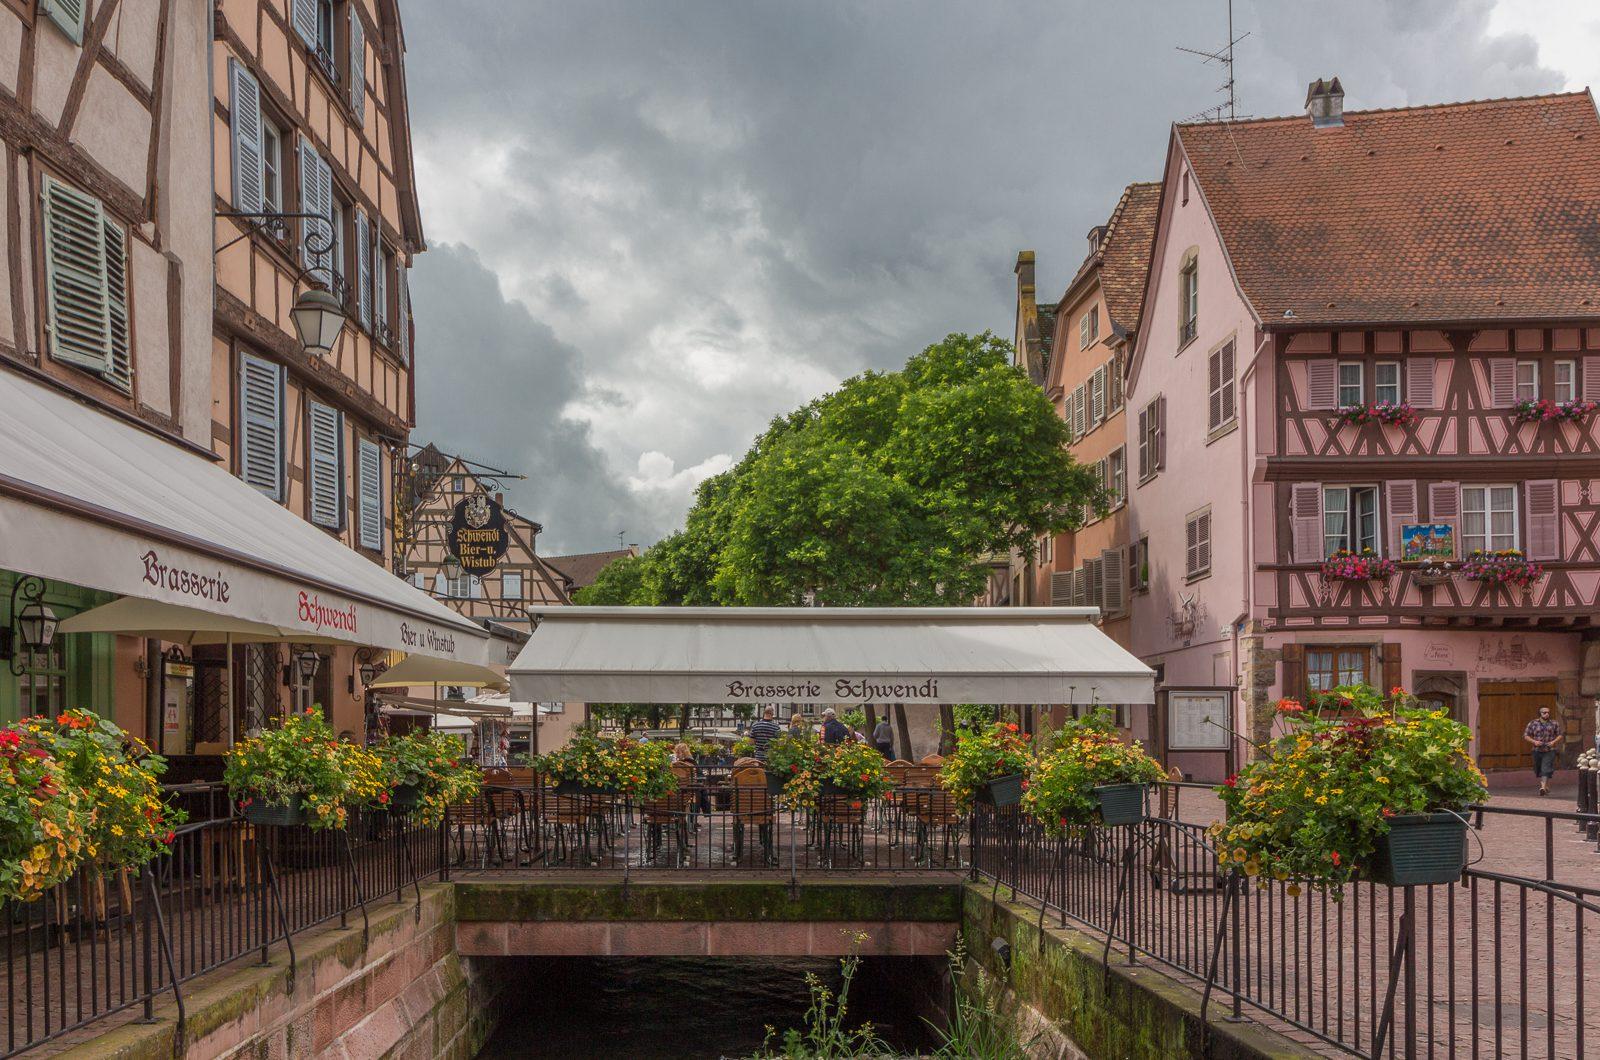 elsass_frankreich_colmar_vielweib_reiseblog-7048